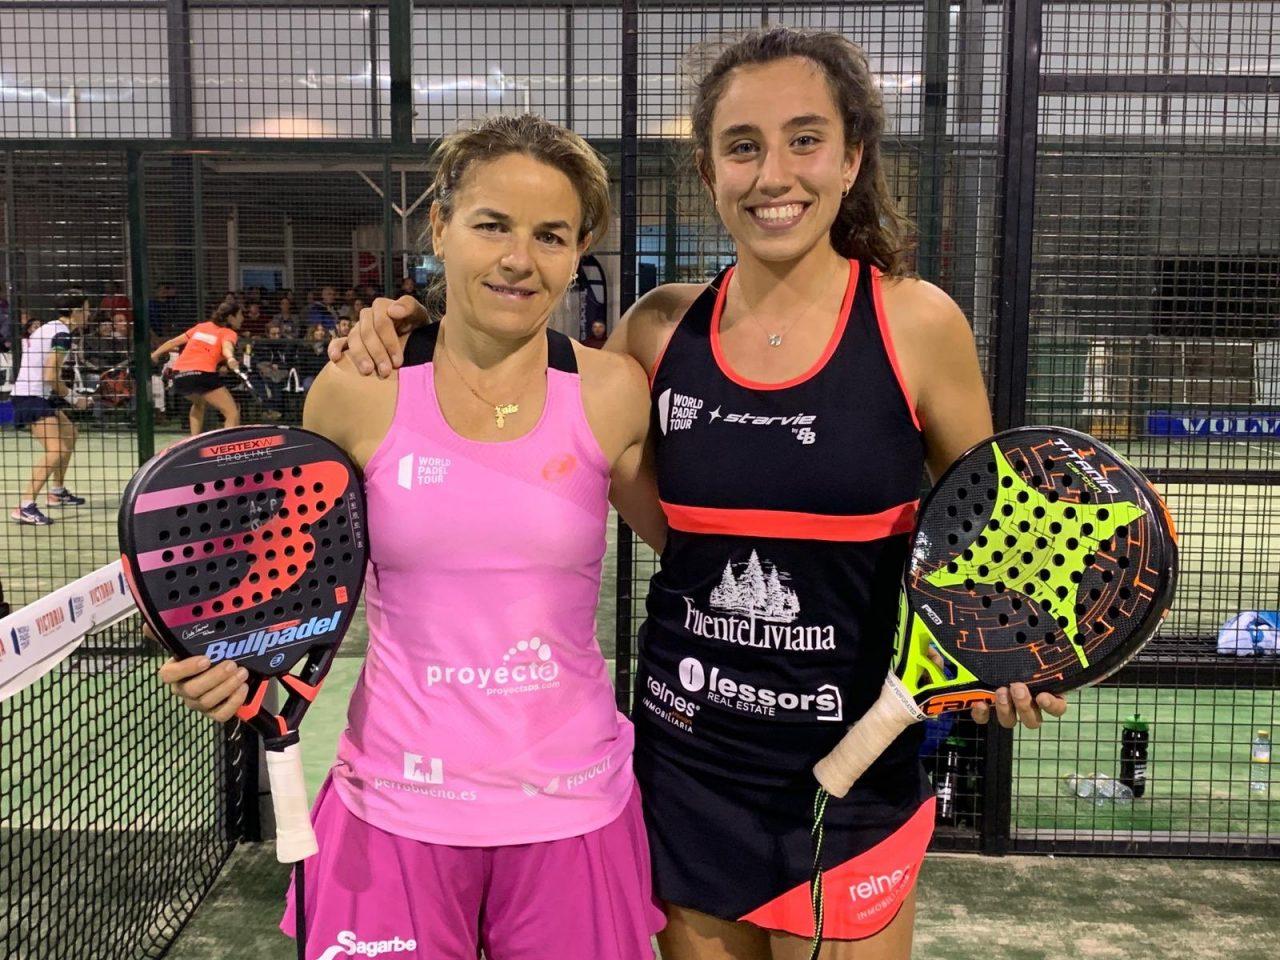 Cata Tenorio et Bea Gonzalez se séparent